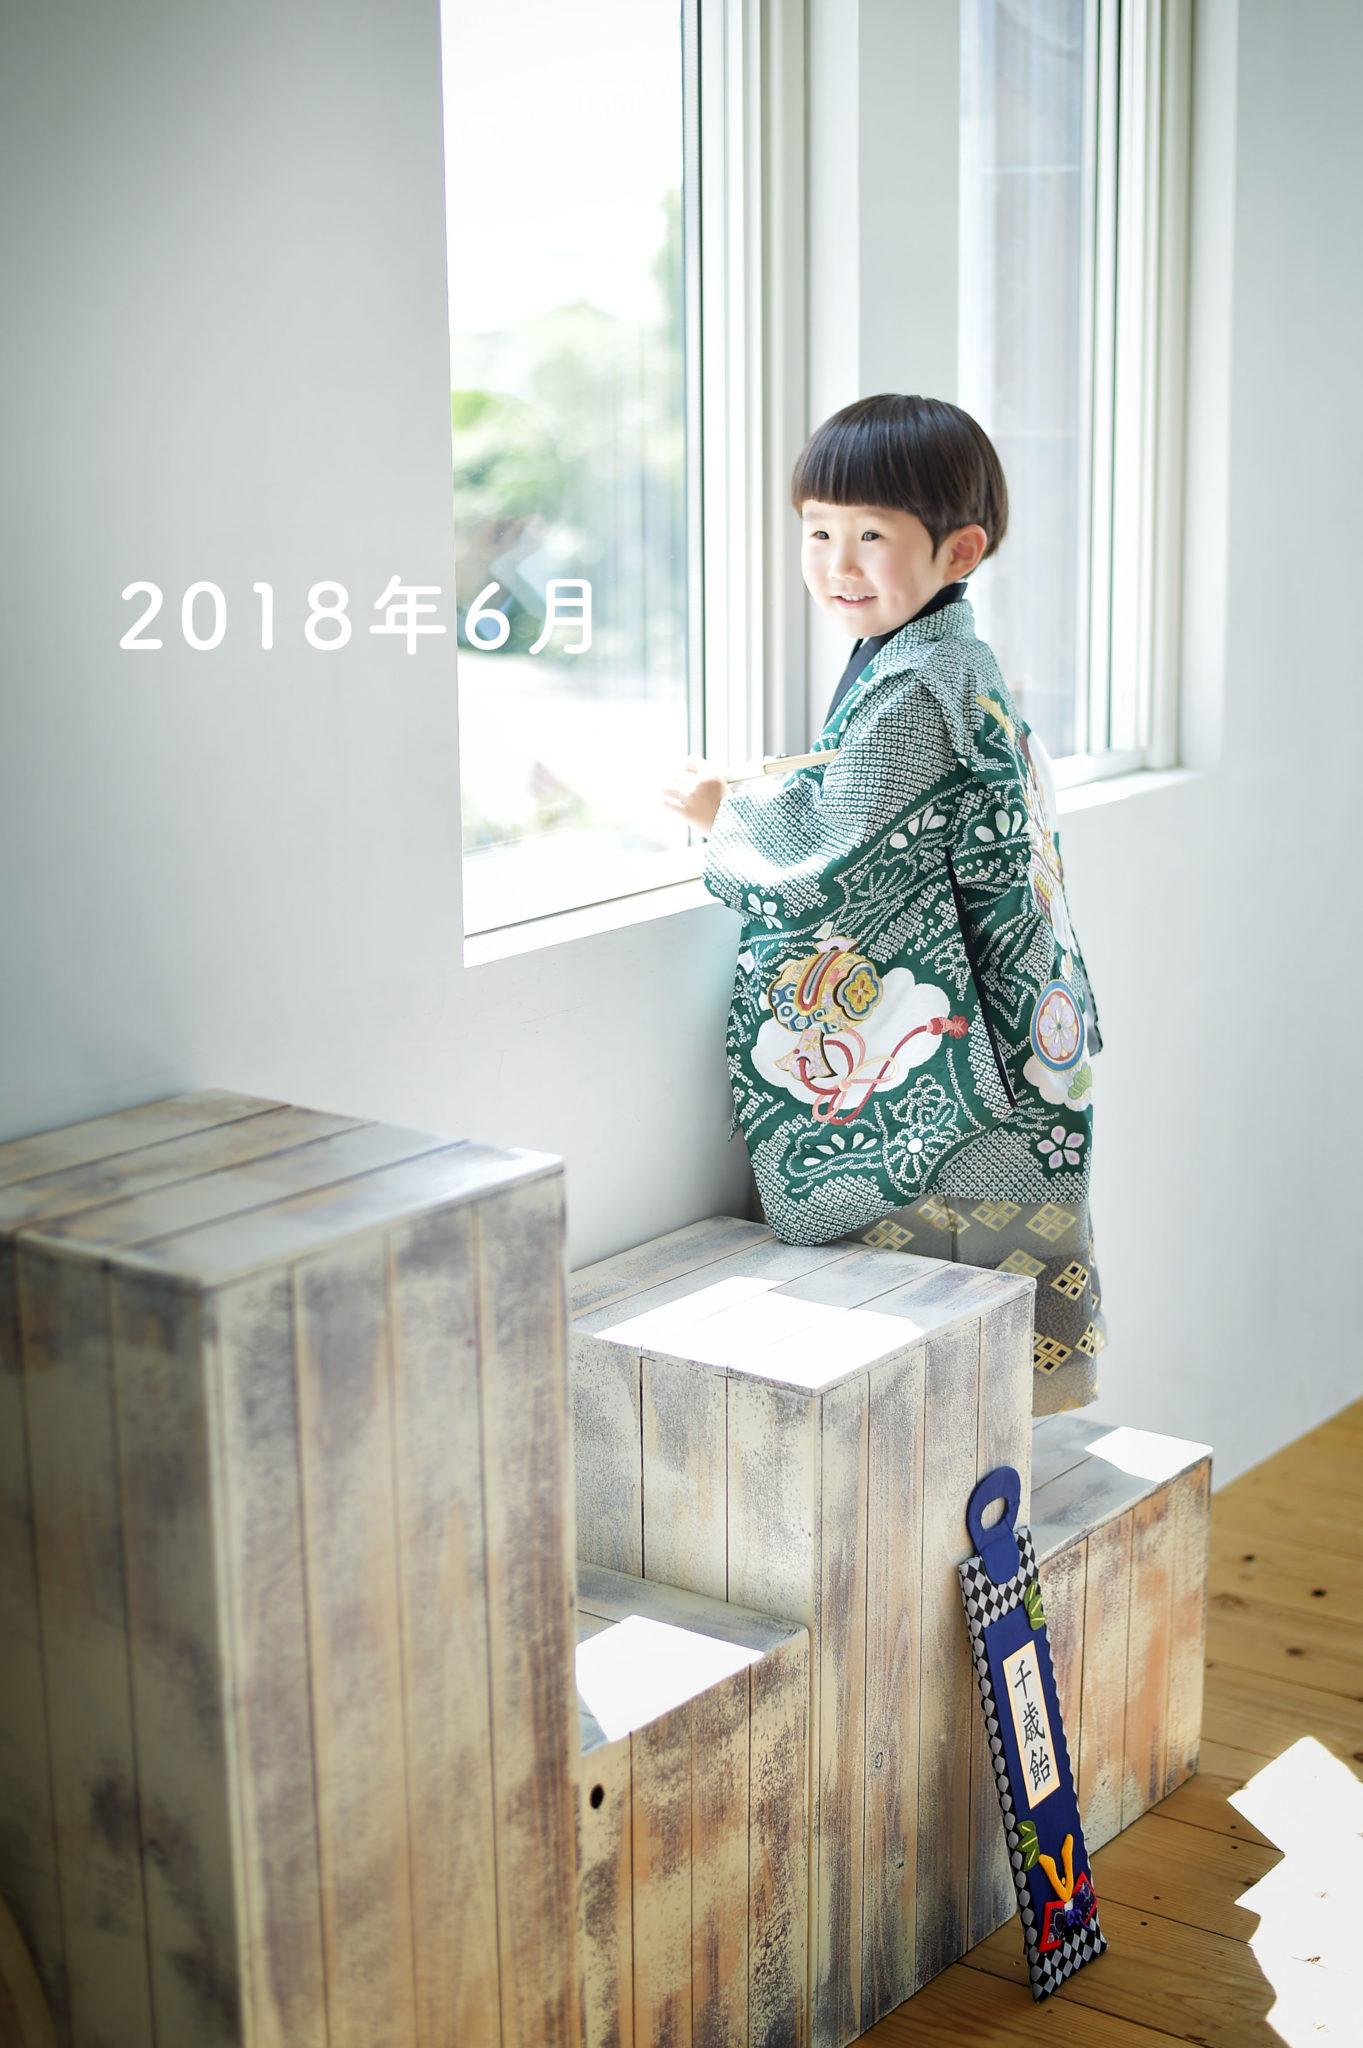 宝塚市 写真館 ベストショット